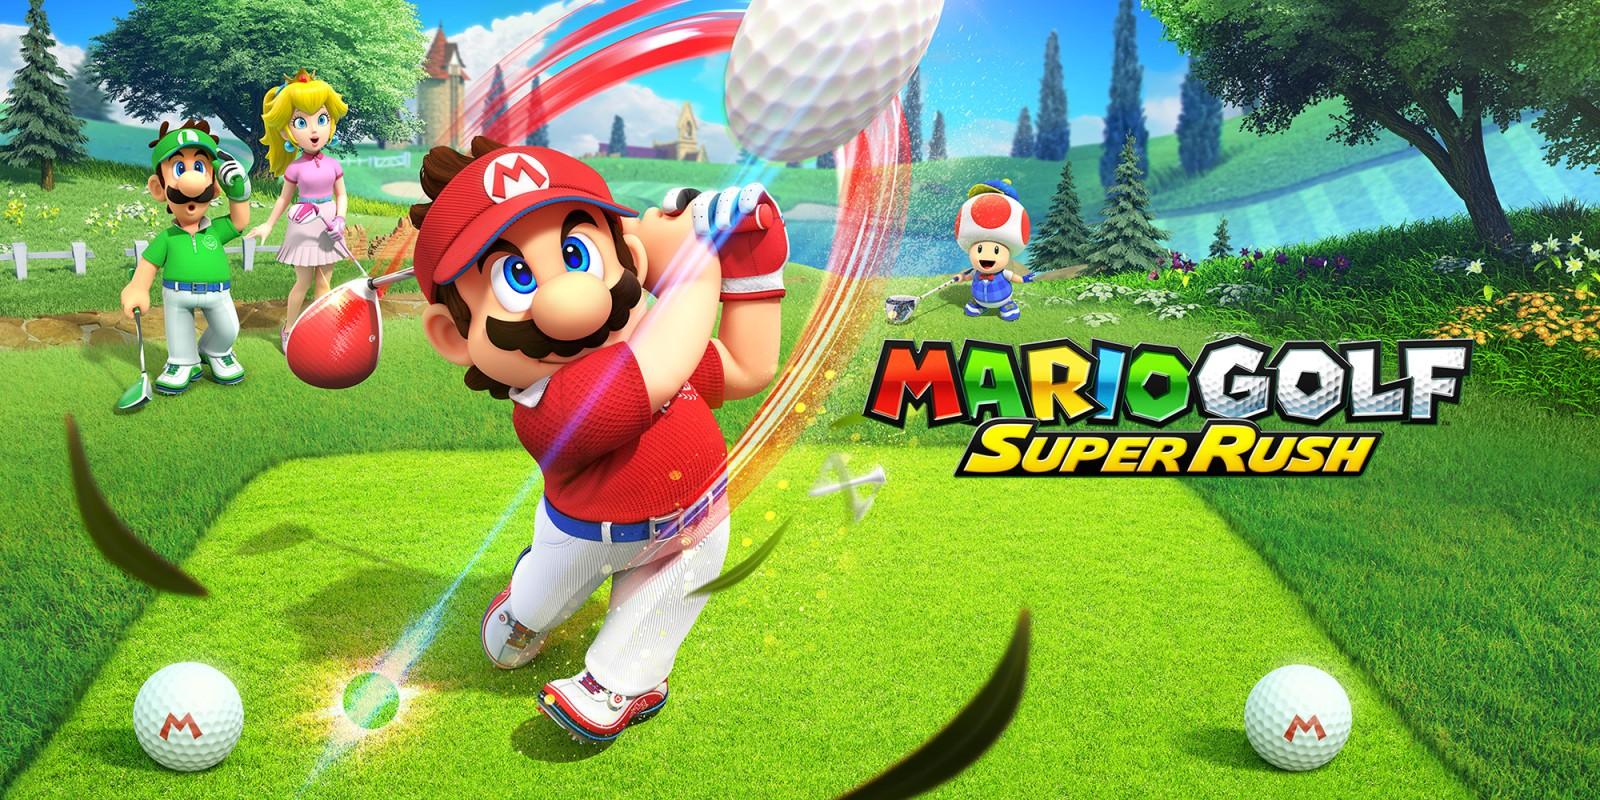 Exklusive Trinkflasche zu Mario Golf: Super Rush erhältlich • Nintendo Connect